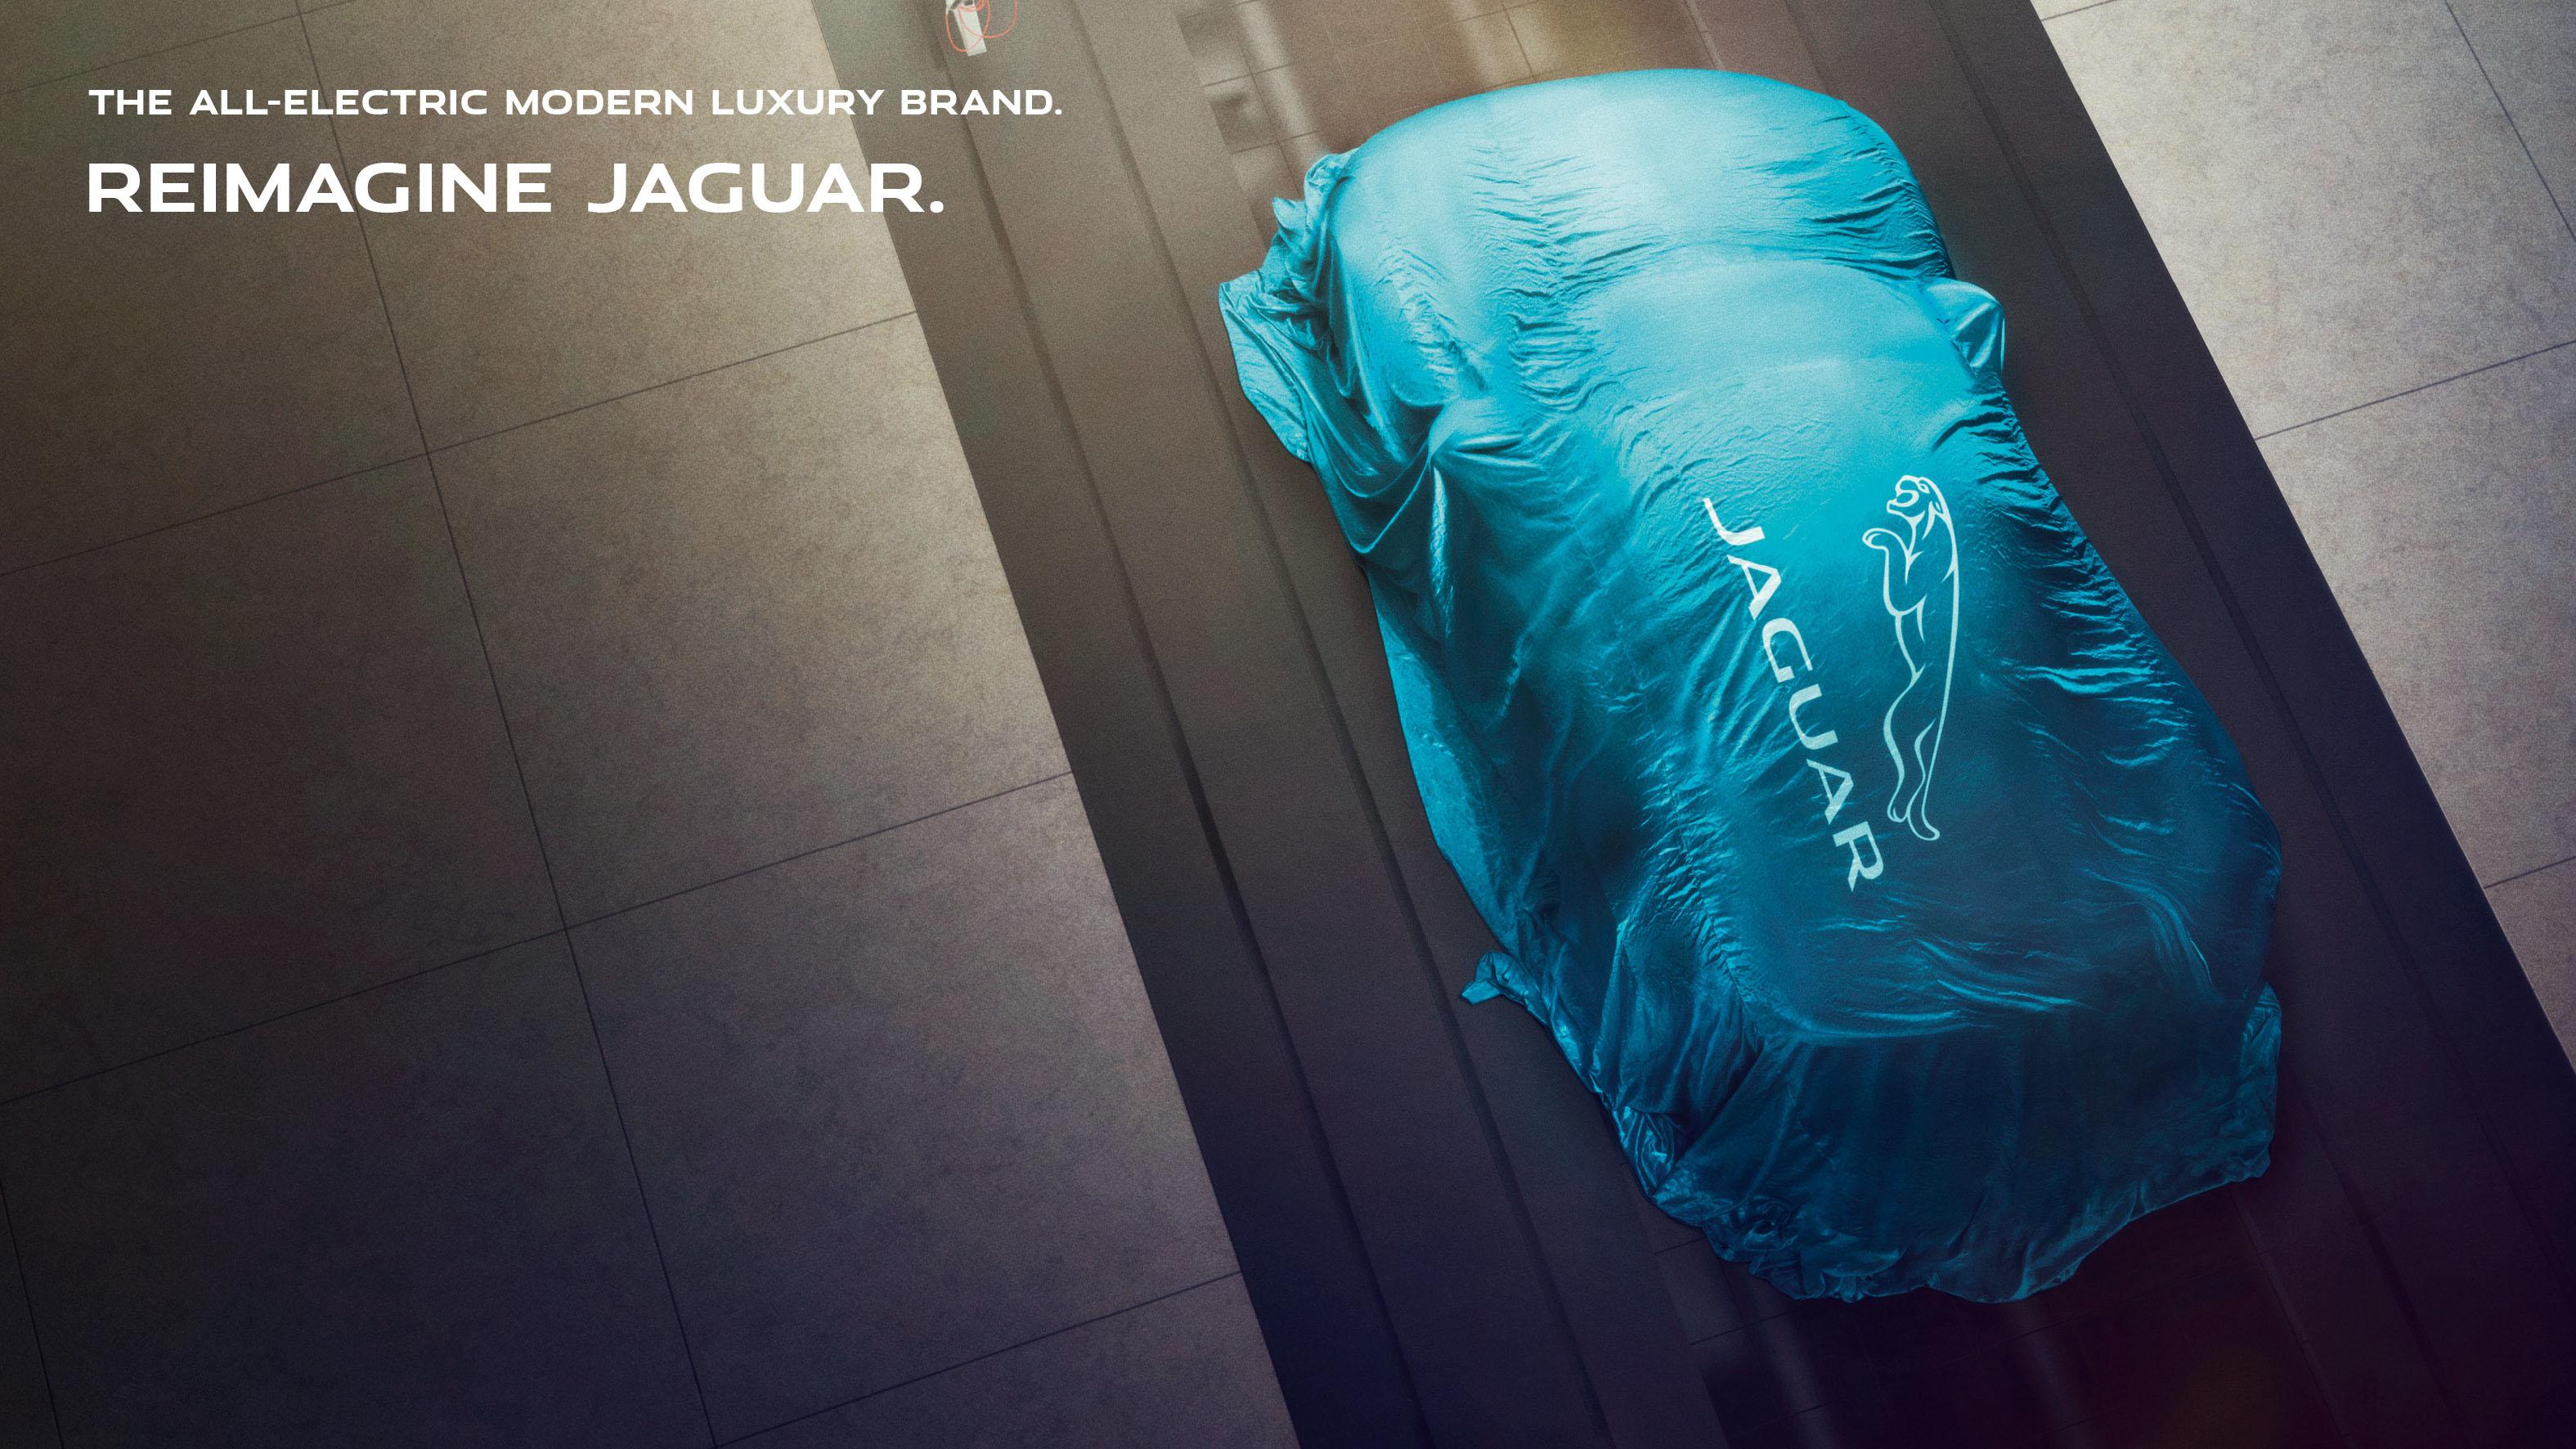 集團大整頓!Jaguar 2025 年轉型純電品牌,Land Rover 五年推六款電動車